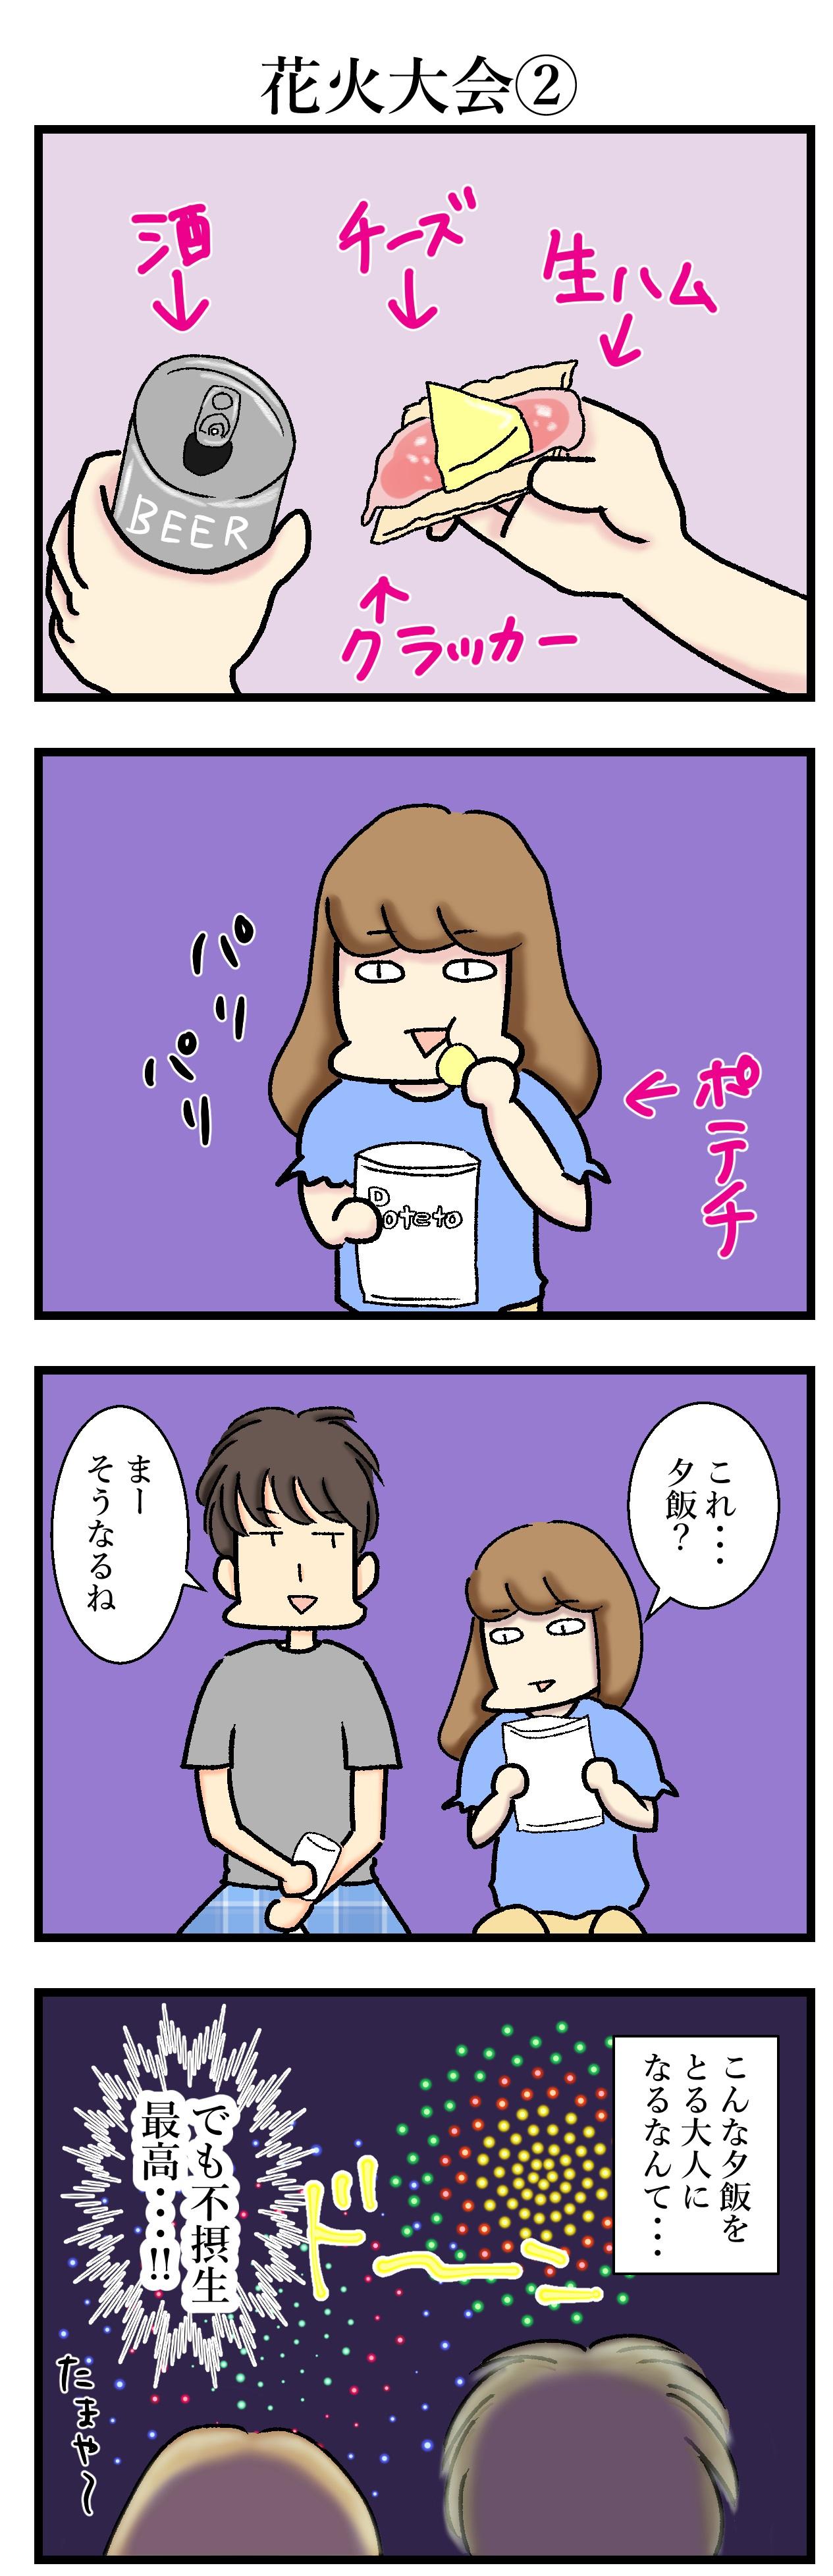 【エッセイ漫画】アラサー主婦くま子のふがいない日常(44)